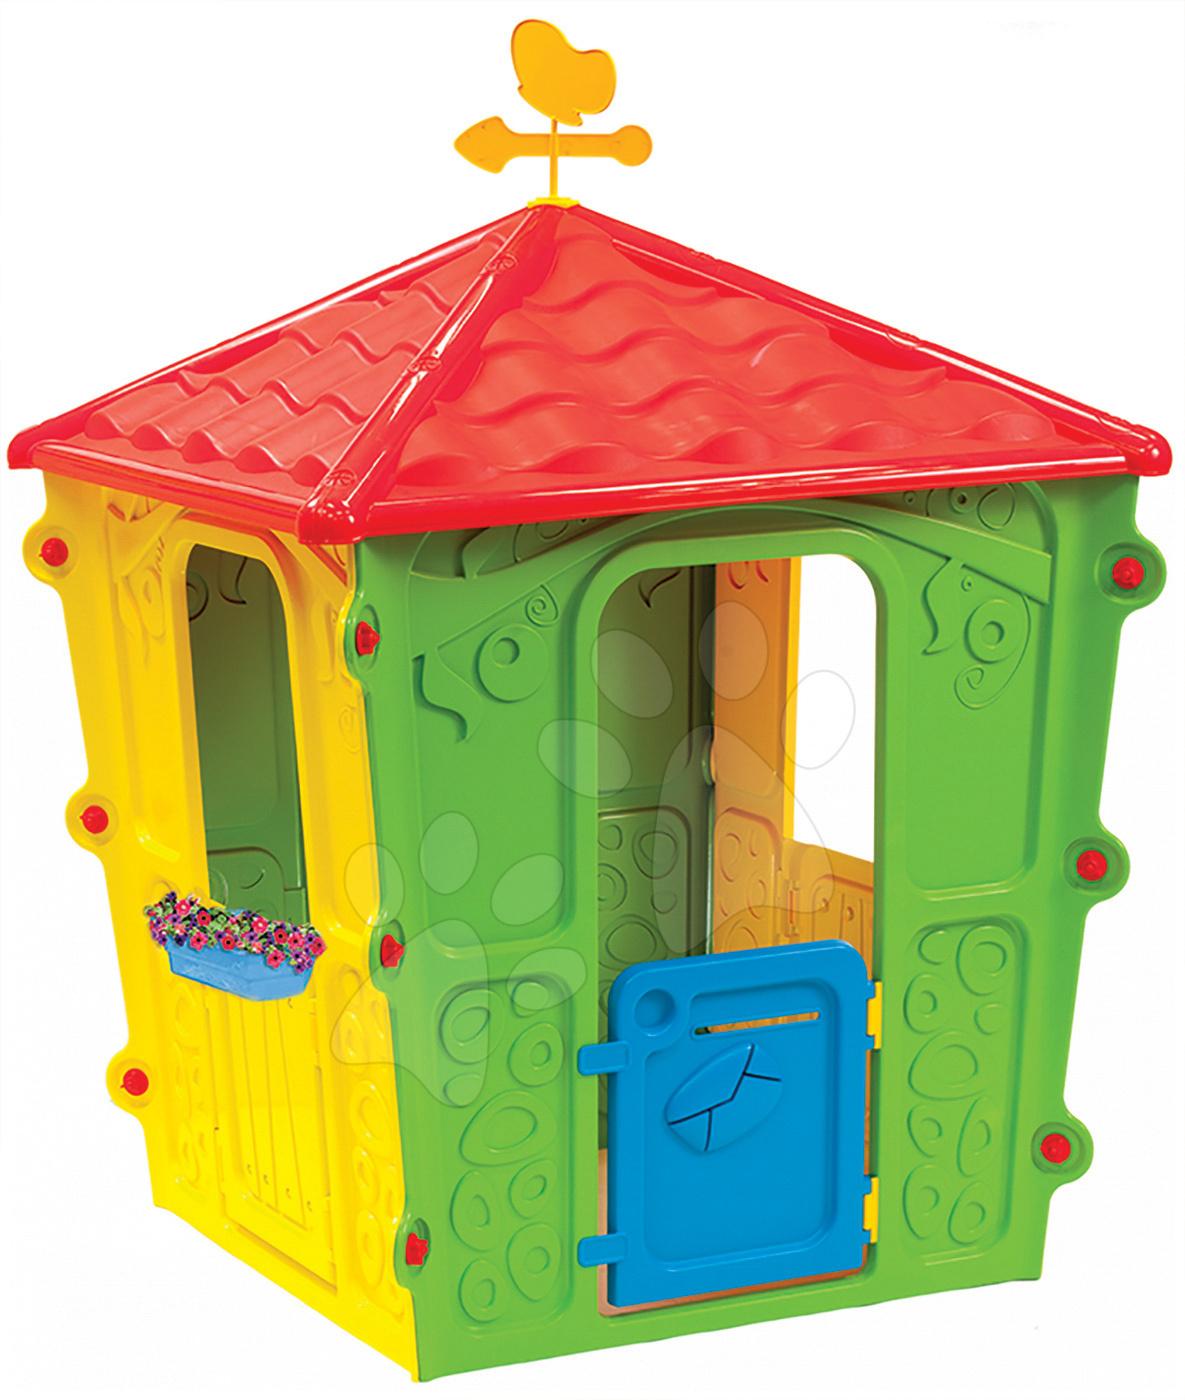 Domečky pro děti - Domek Country Square Starplast s motýlem od 24 měsíců